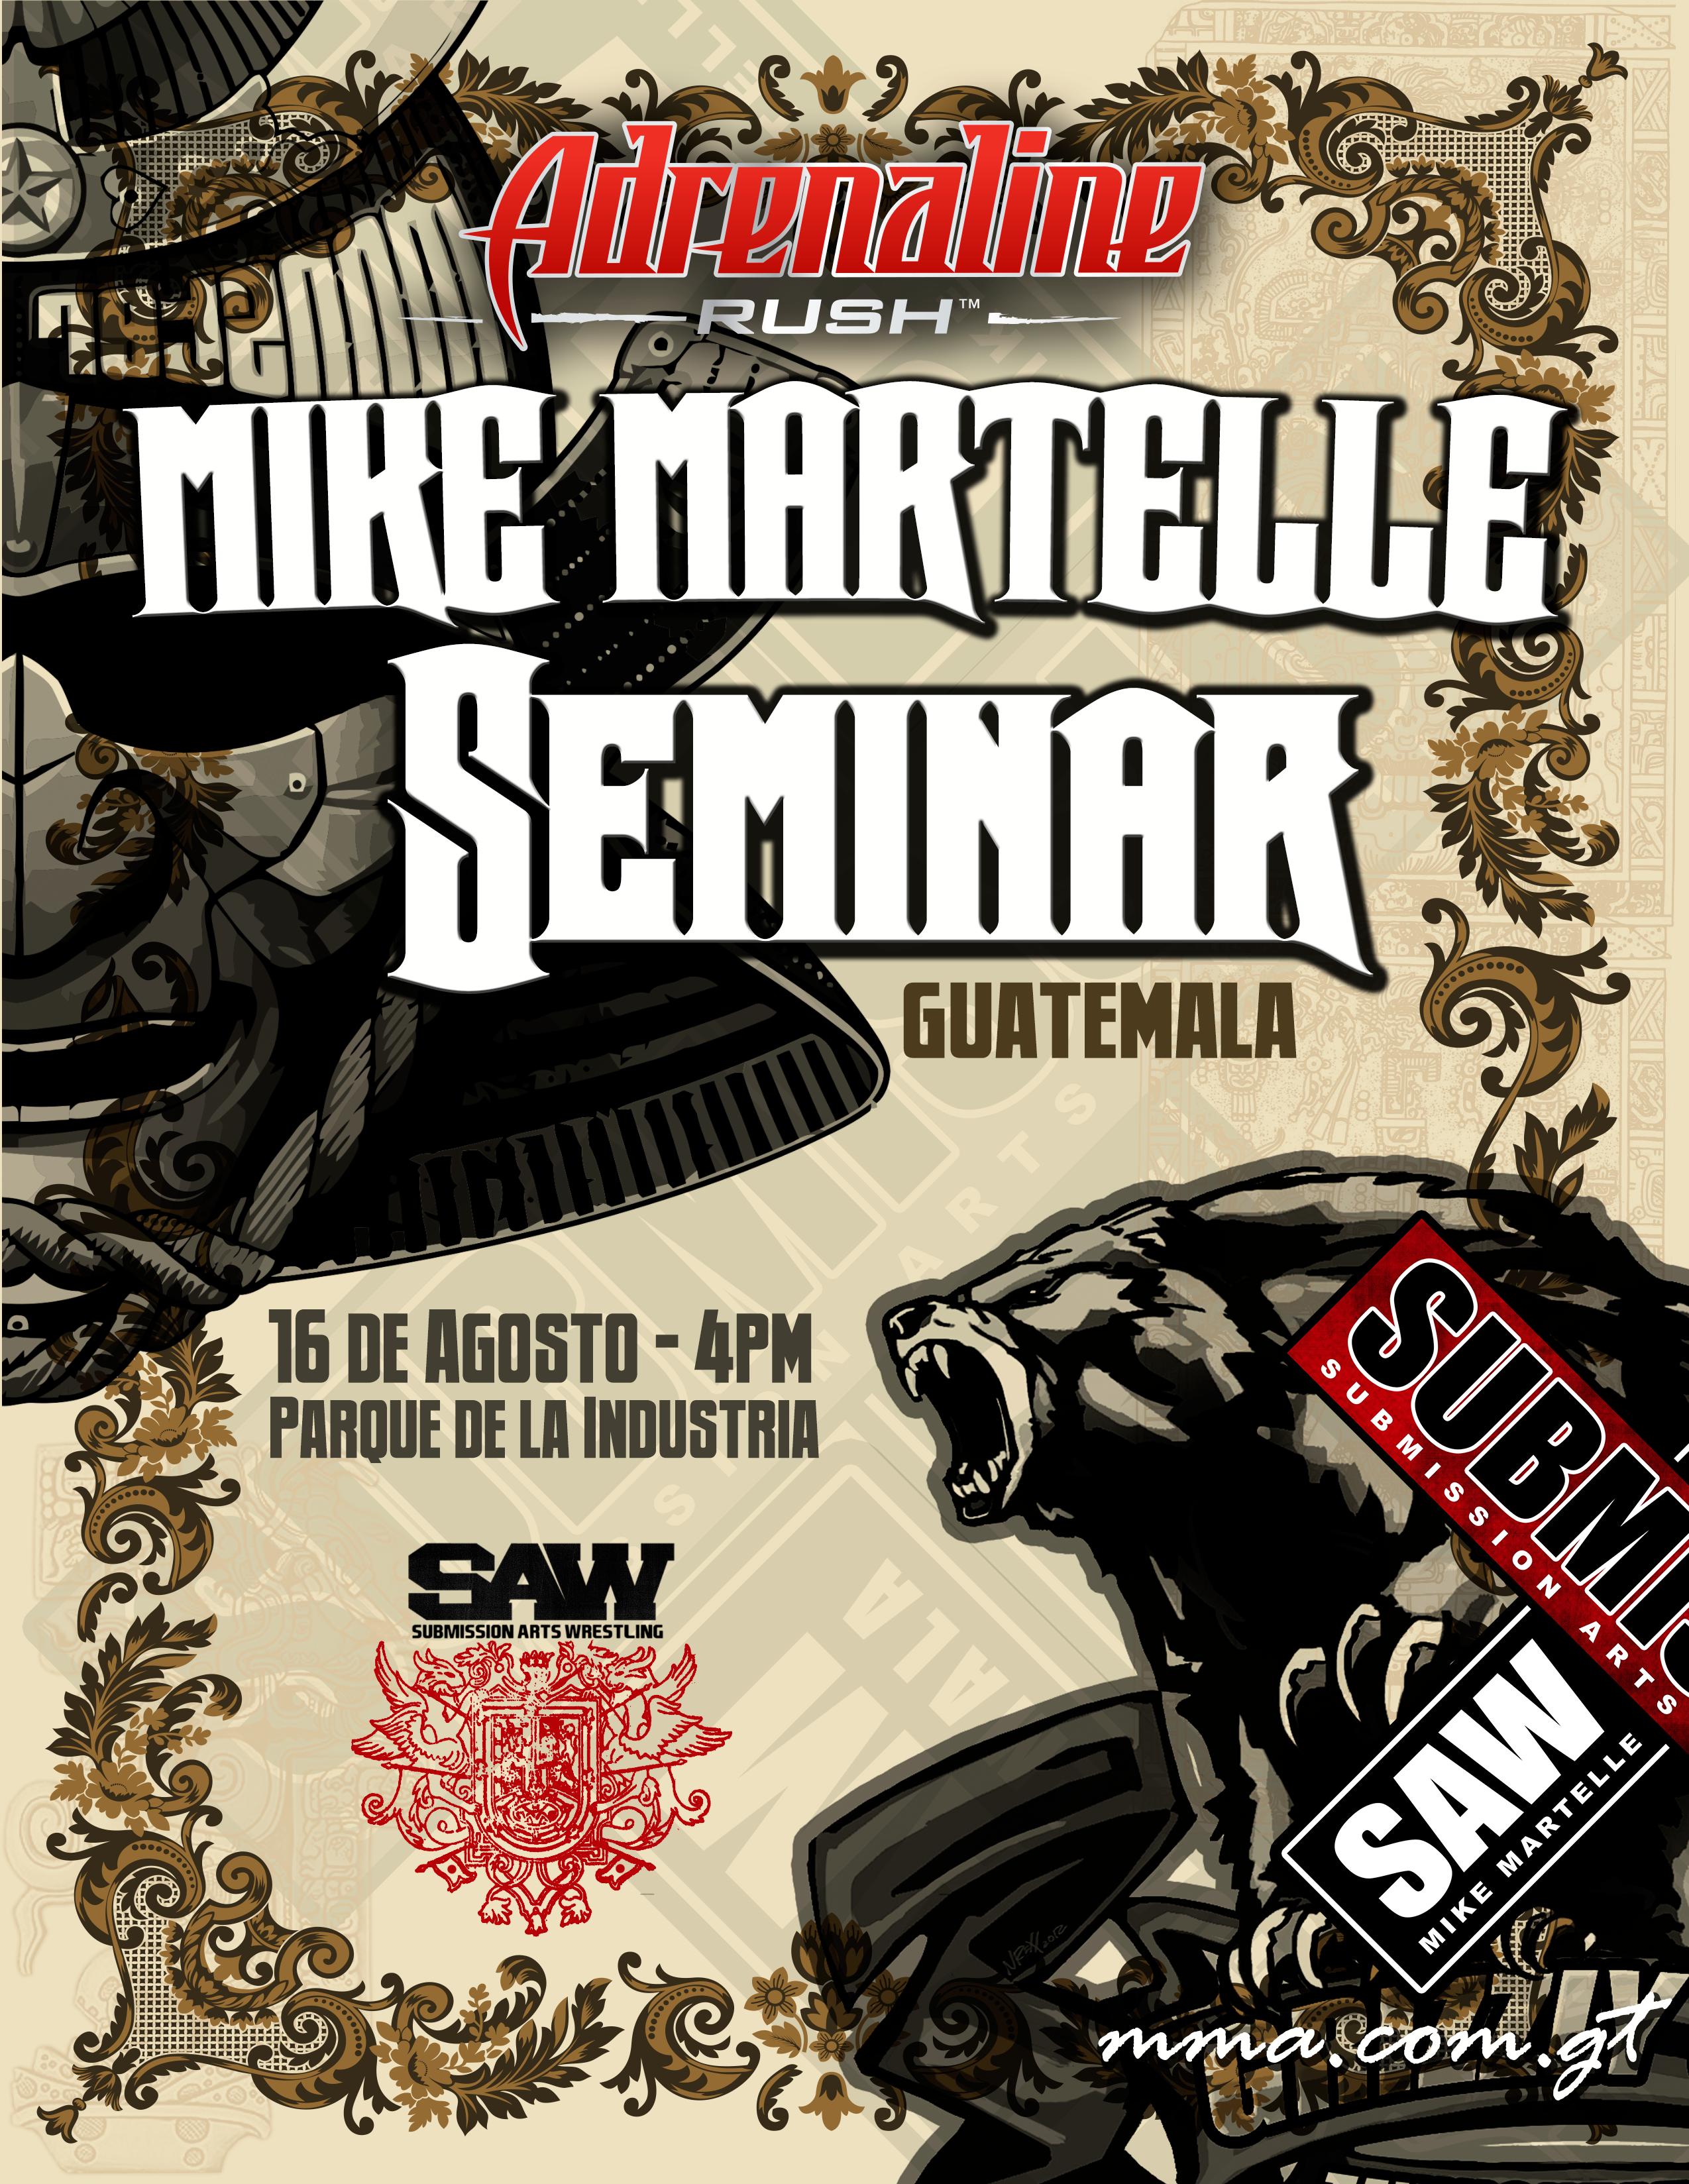 Tercer Seminario de Artes Marciales Mixtas en Guatemala